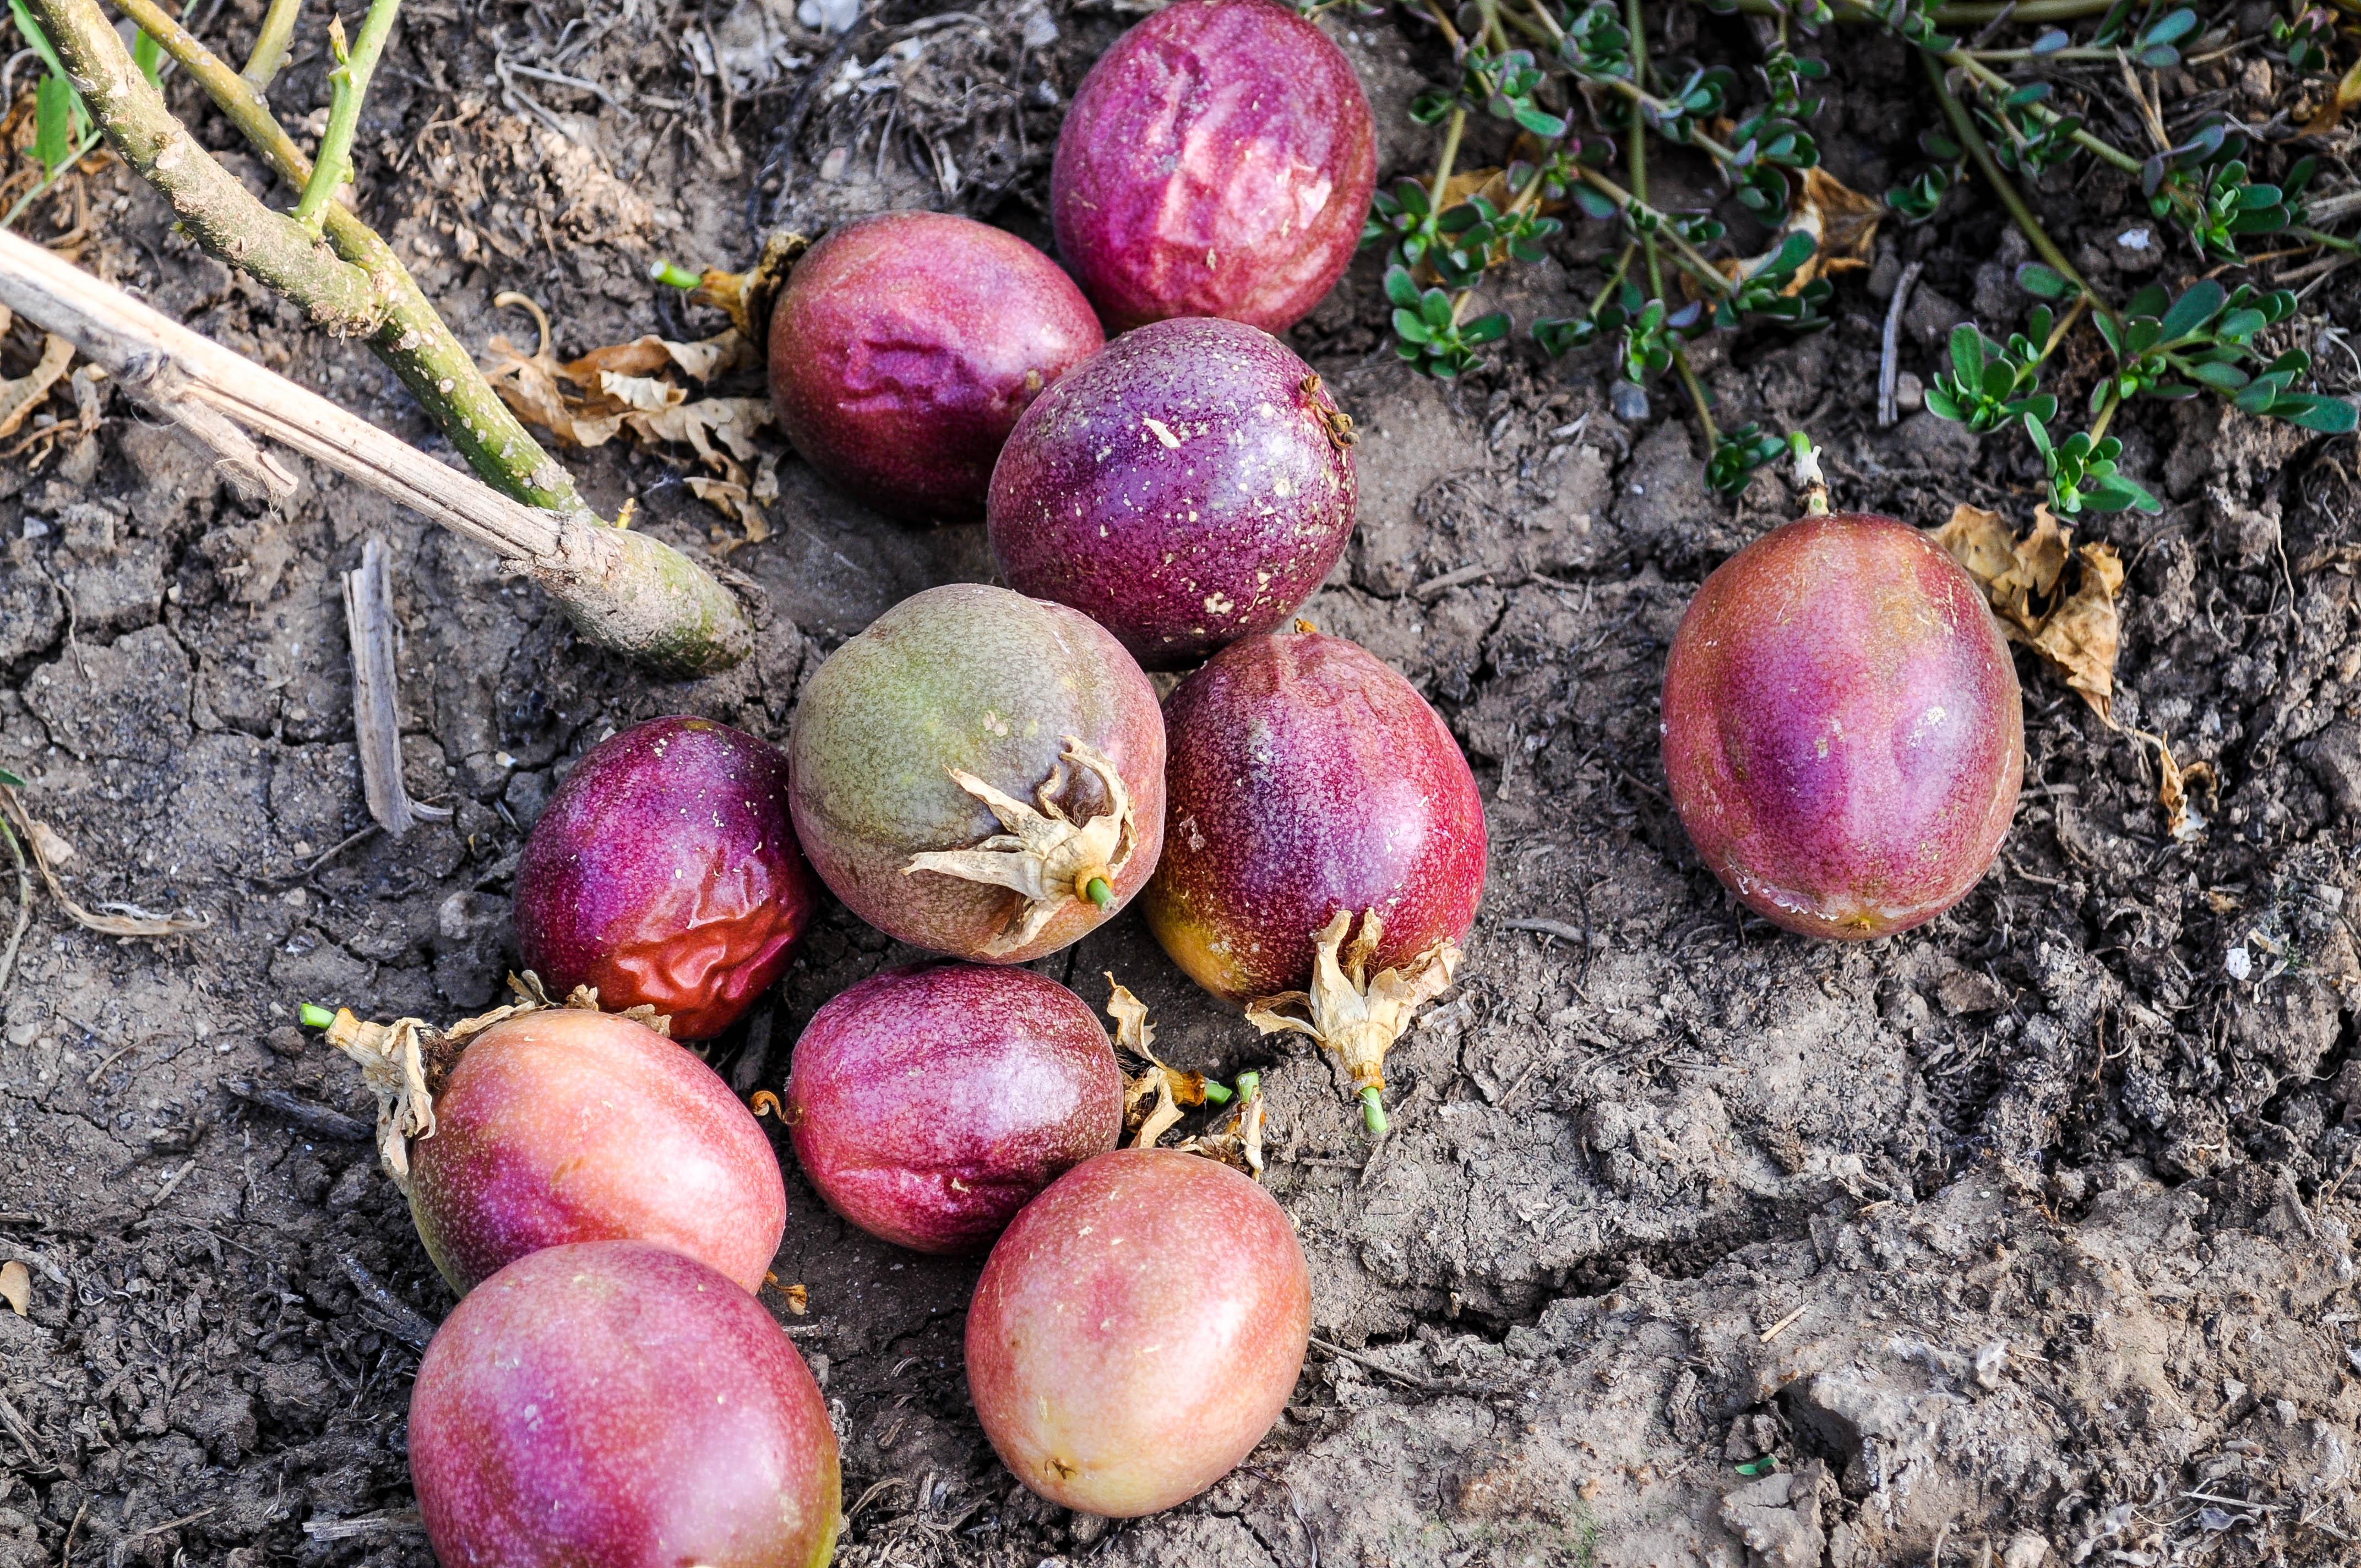 Что такое маракуйя и как ее едят. плод страсти, плод здоровья: все о маракуйе. как выглядит маракуйя